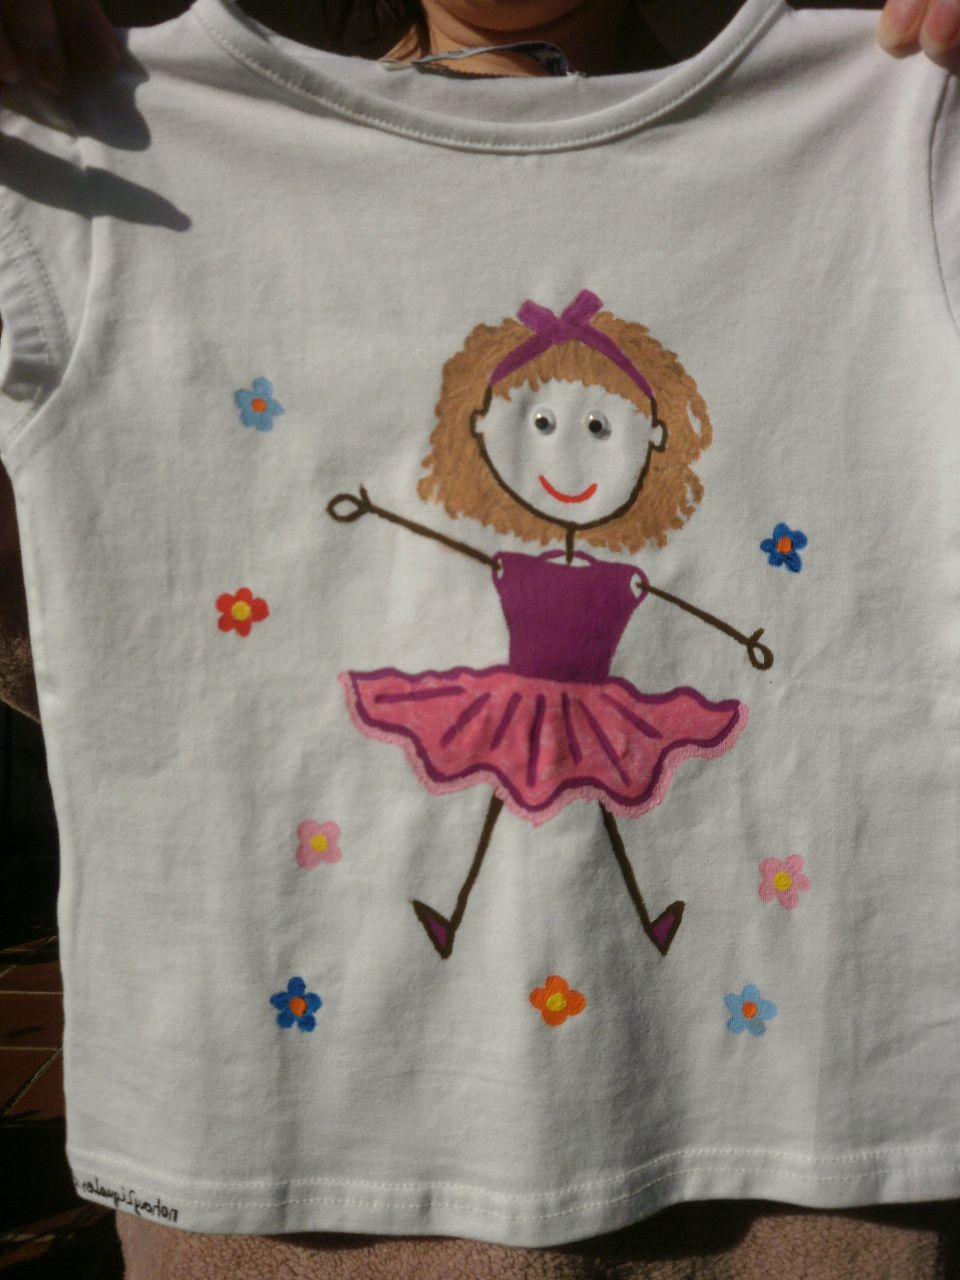 Camiseta muñeca palitos I. 12€. Si quieres cambiar algún detalle o añadir detalles nuevos, escríbenos a nohay2iguales@nohay2iguales.com y lo vemos.